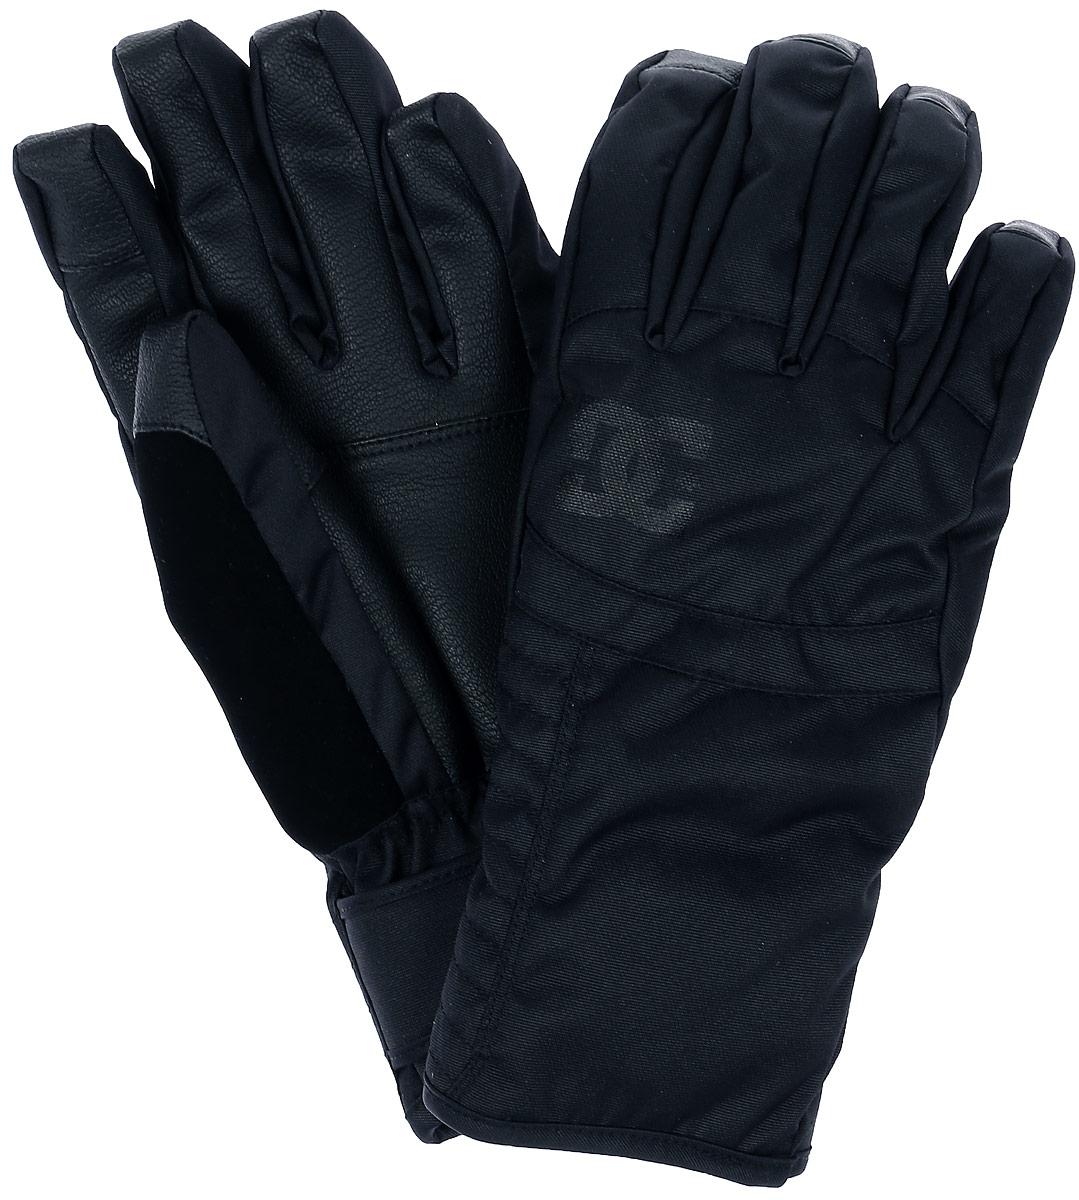 Перчатки женcкие DC Shoes Seger Wmn Glove, цвет: черный. EDJHN03007-KVJ0. Размер M (7/7,5)EDJHN03007-KVJ0Женские перчатки DC Shoes Seger Wmn Glove выполнены из высококачественного полиэстера и полиуретана, которые не пропускают воду. Модель оформлена декоративной прострочкой и принтом с изображением логотипа бренда. Варежки дополнены эластичными резинками и ремнем с липучкой, которые надежно зафиксируют модель на запястье, не сдавливая его. Внутренняя поверхность выполнена из мягкого утепленного полиэстера. Также перчатки оснащены застежкой-фастексом.